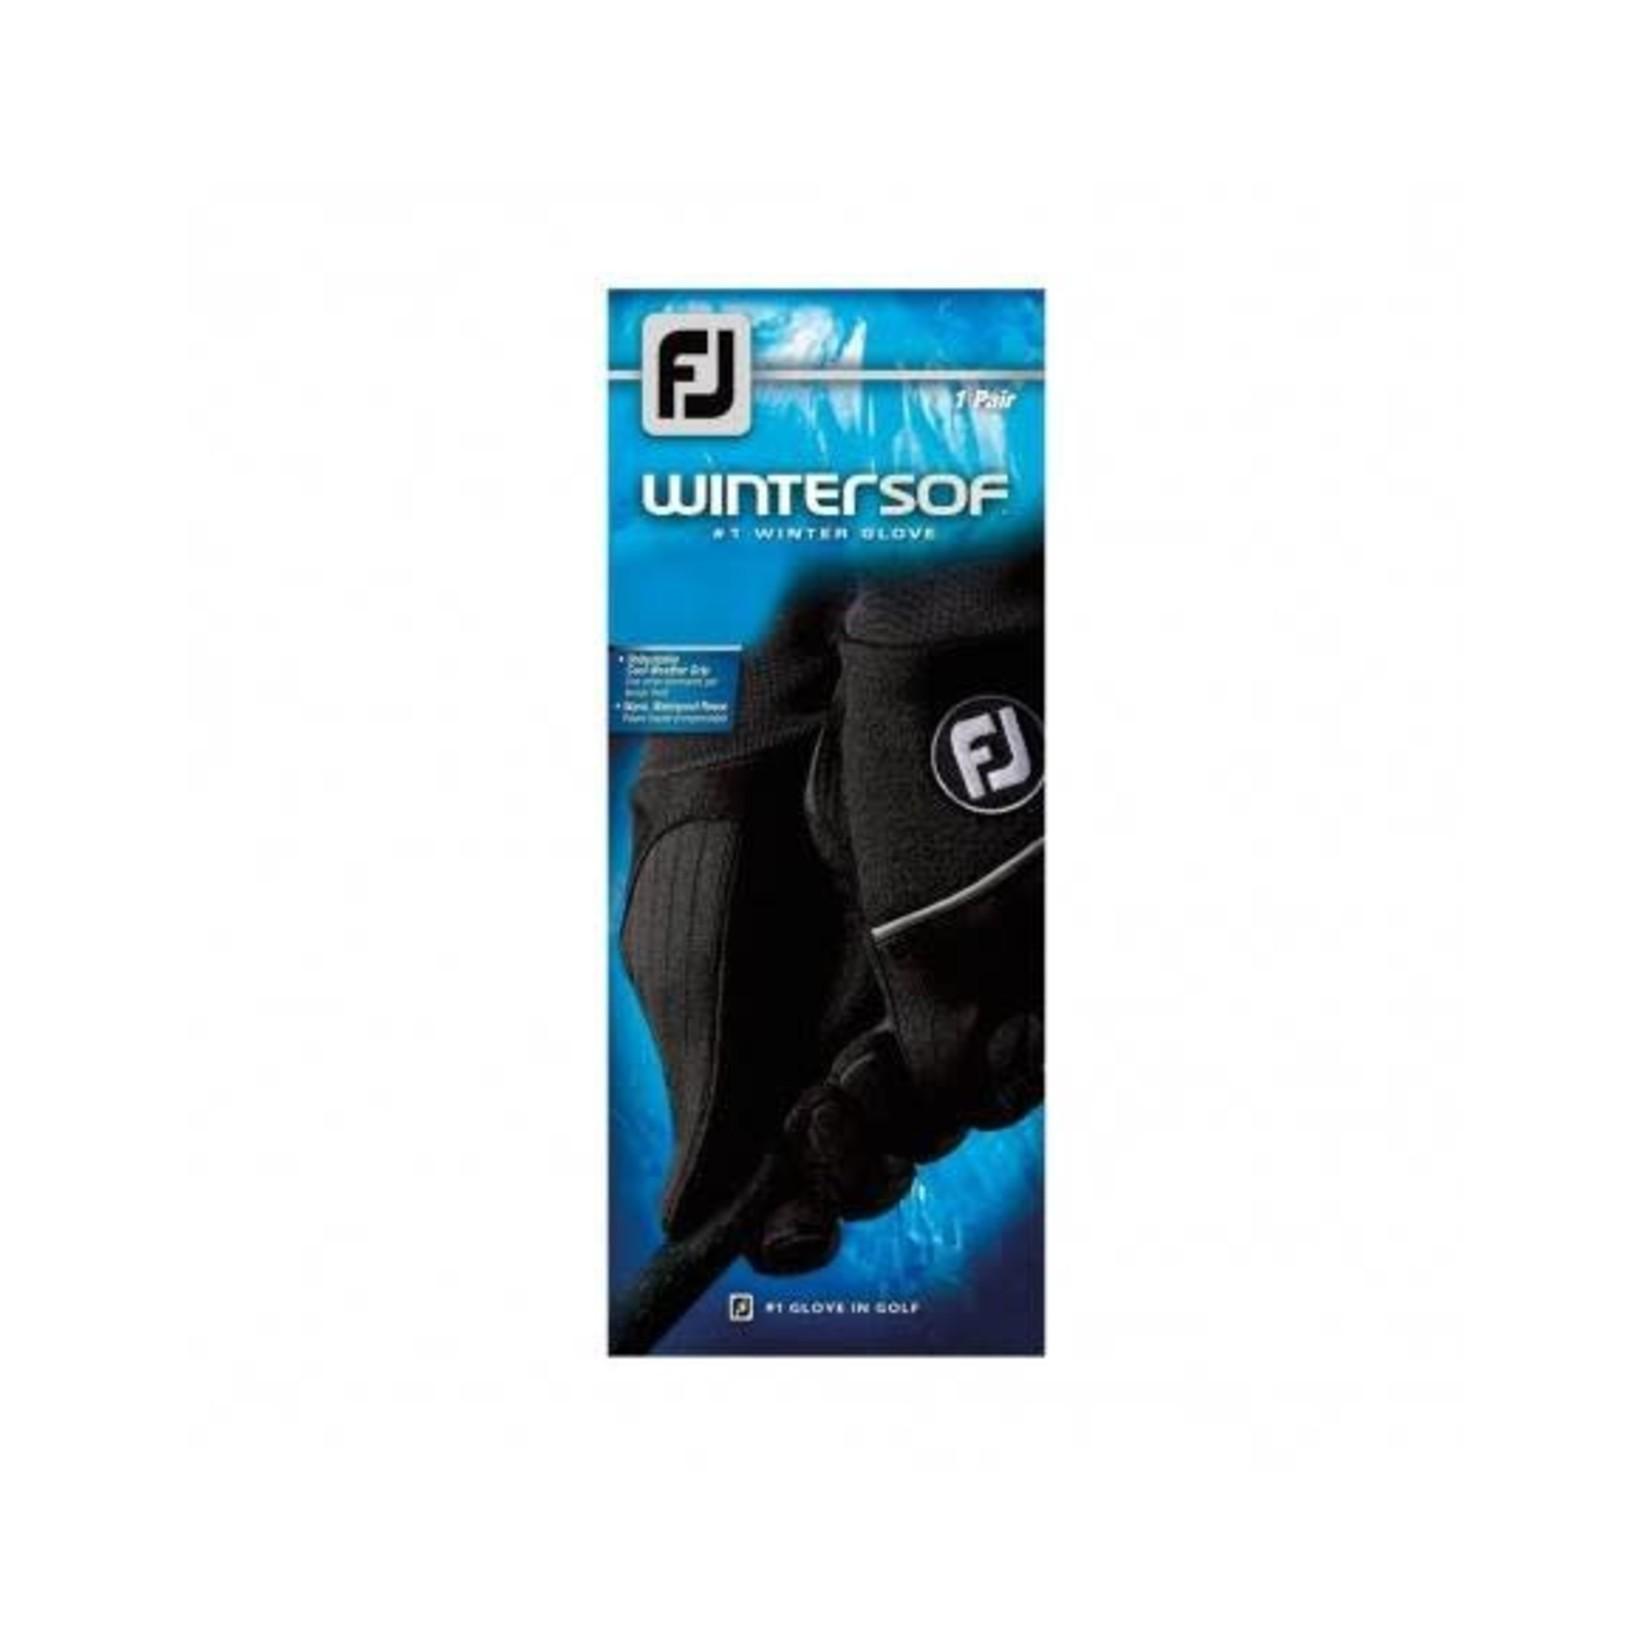 Footjoy FootJoy Wintersof Gloves (pair) Ladies